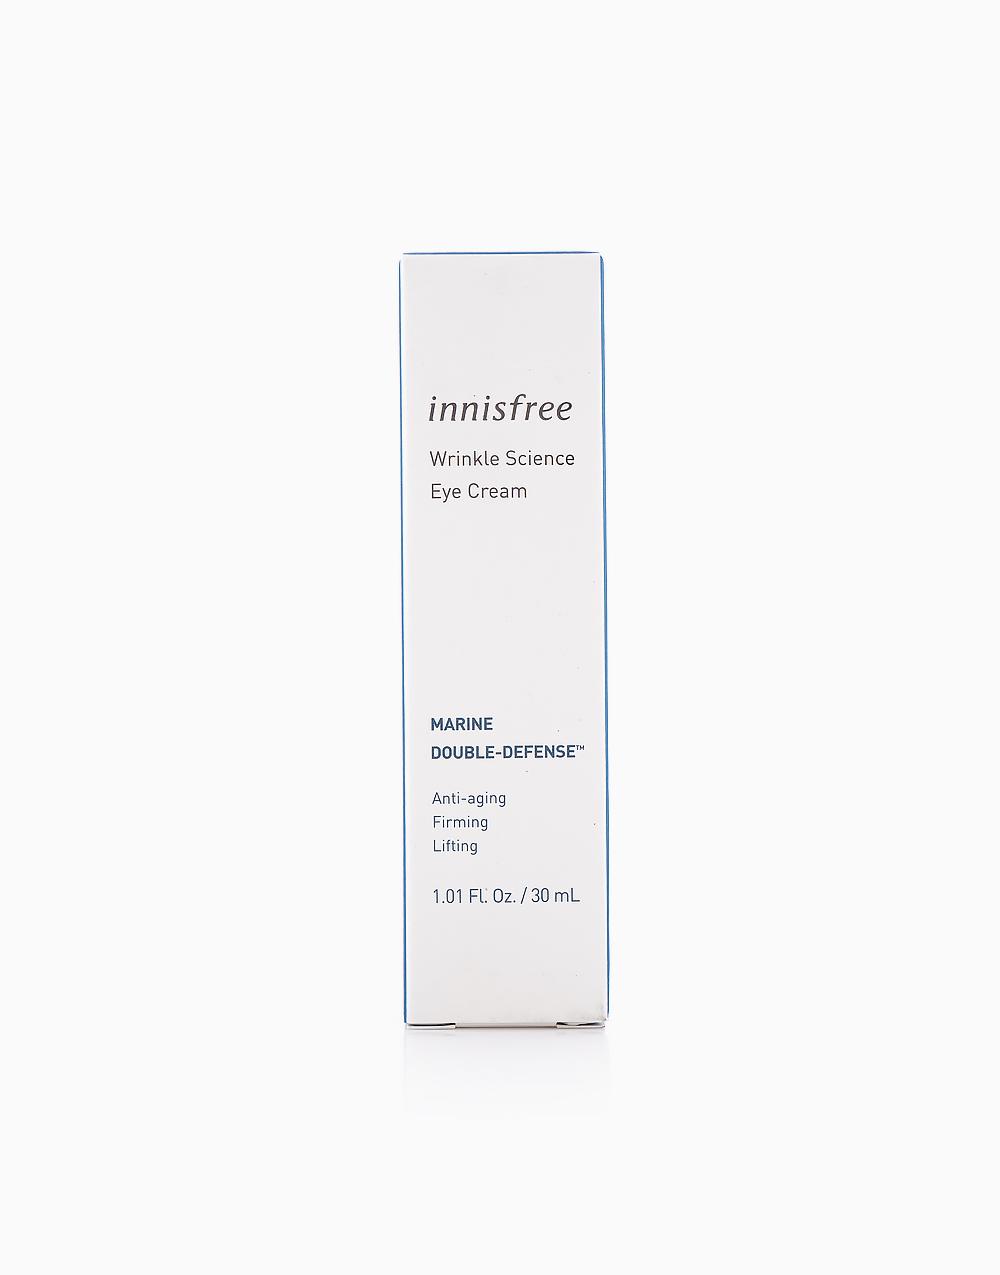 Wrinkle Science Eye Cream (30ml) by Innisfree